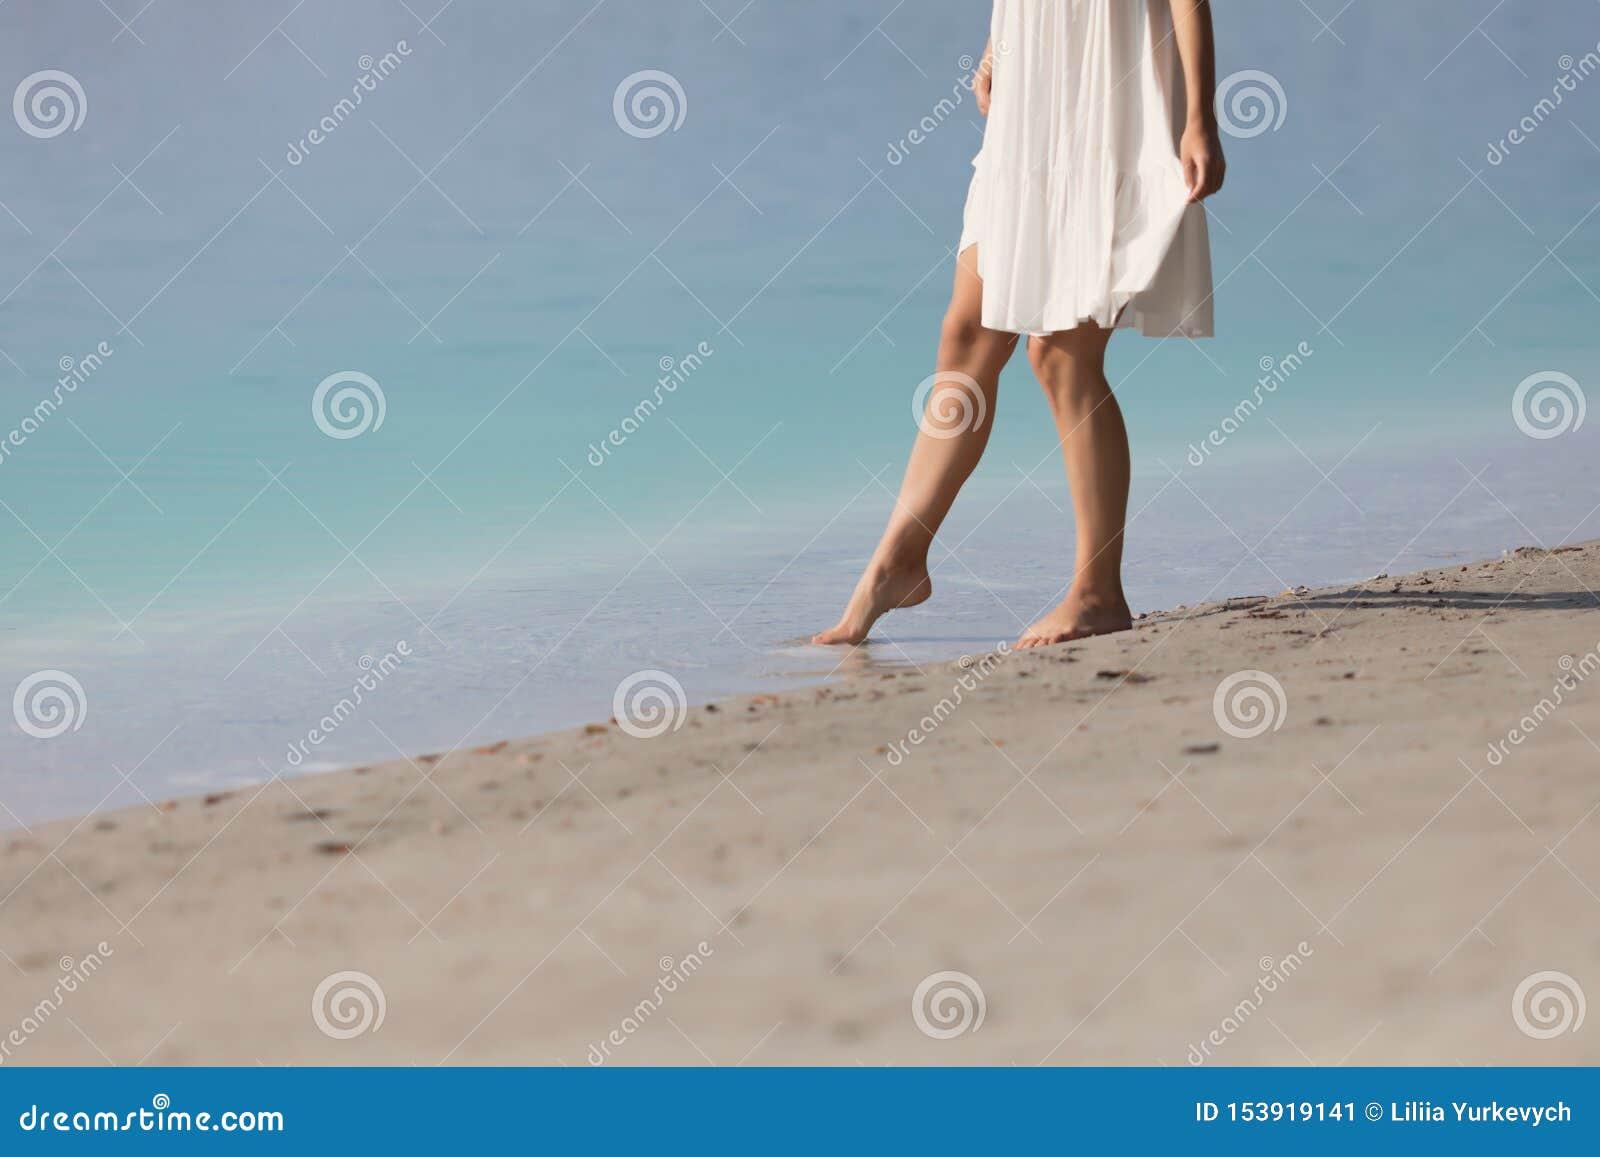 Το νέο κορίτσι στέκεται χωρίς παπούτσια στην άμμο